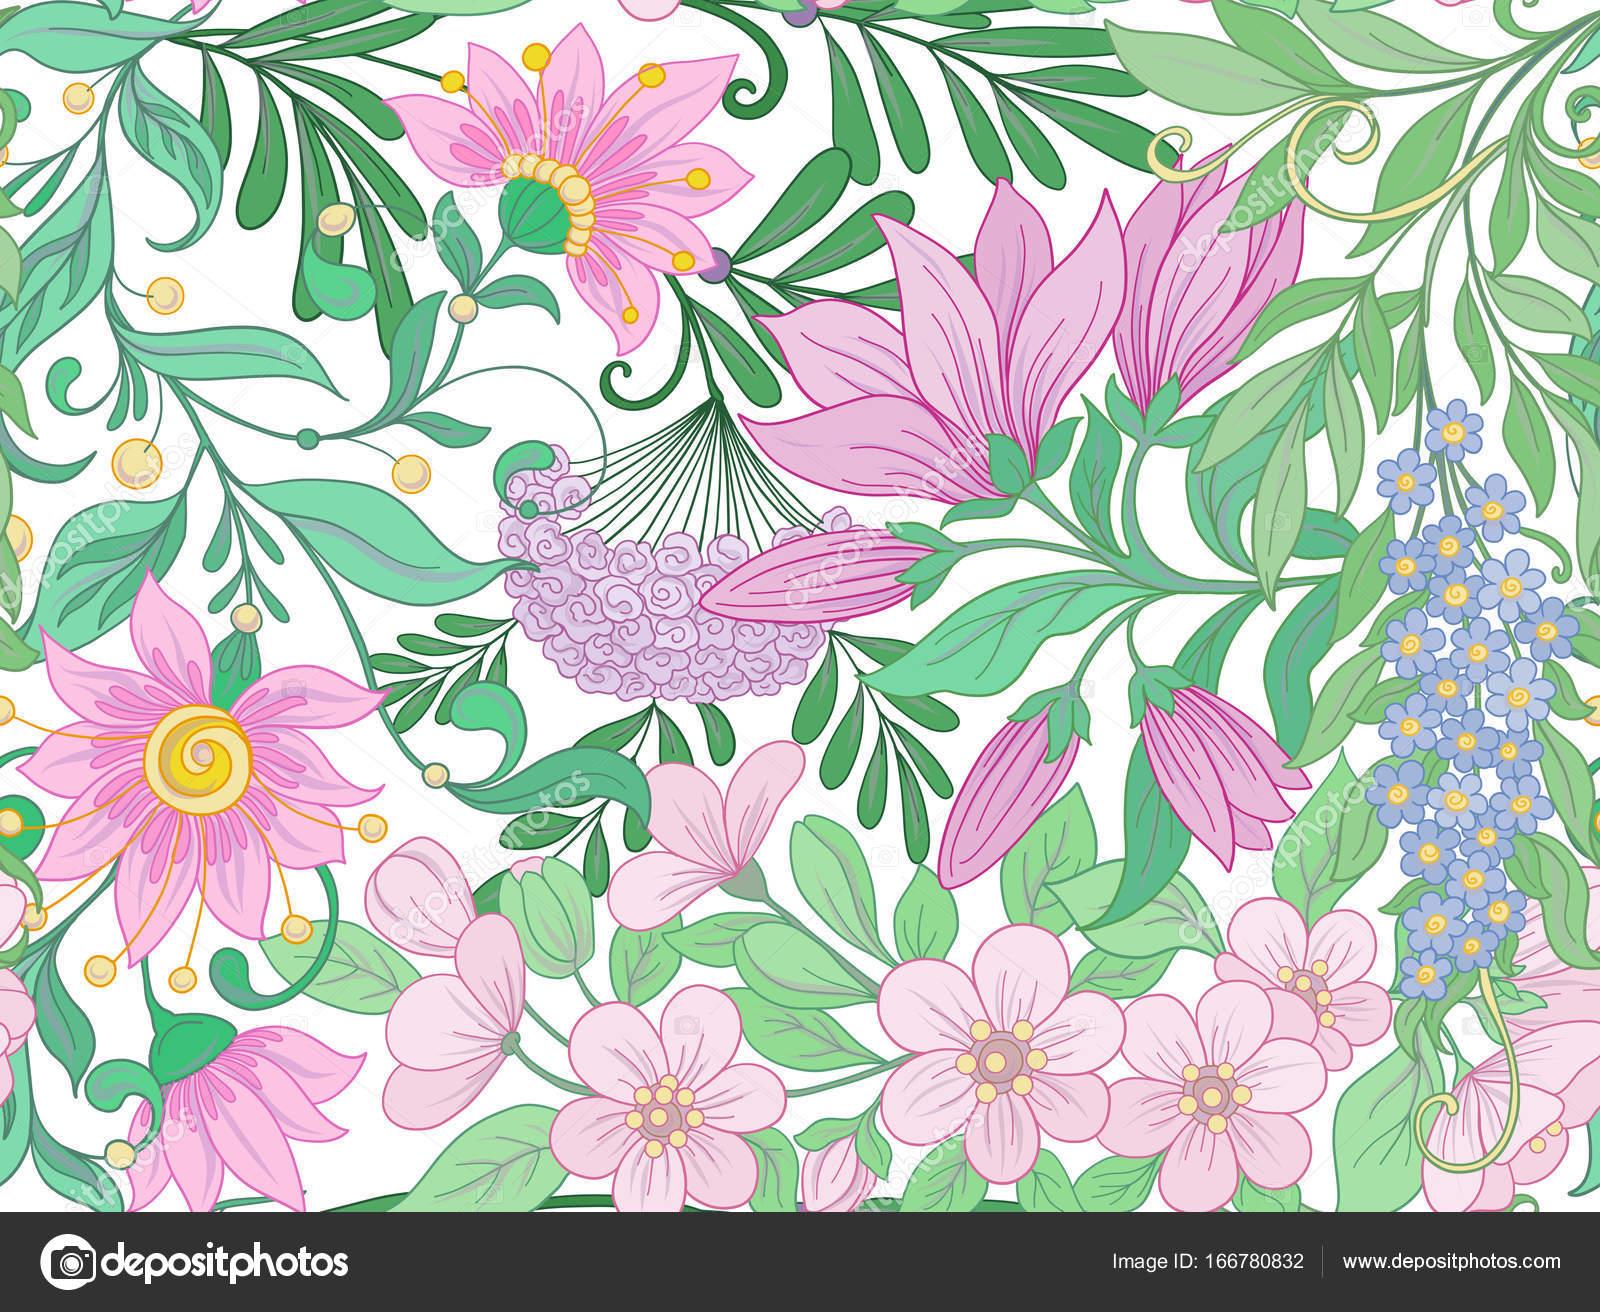 Flores Vectoriales Con Fondo Transparente: Patrón Transparente, Fondo Con Magnolia Flores De